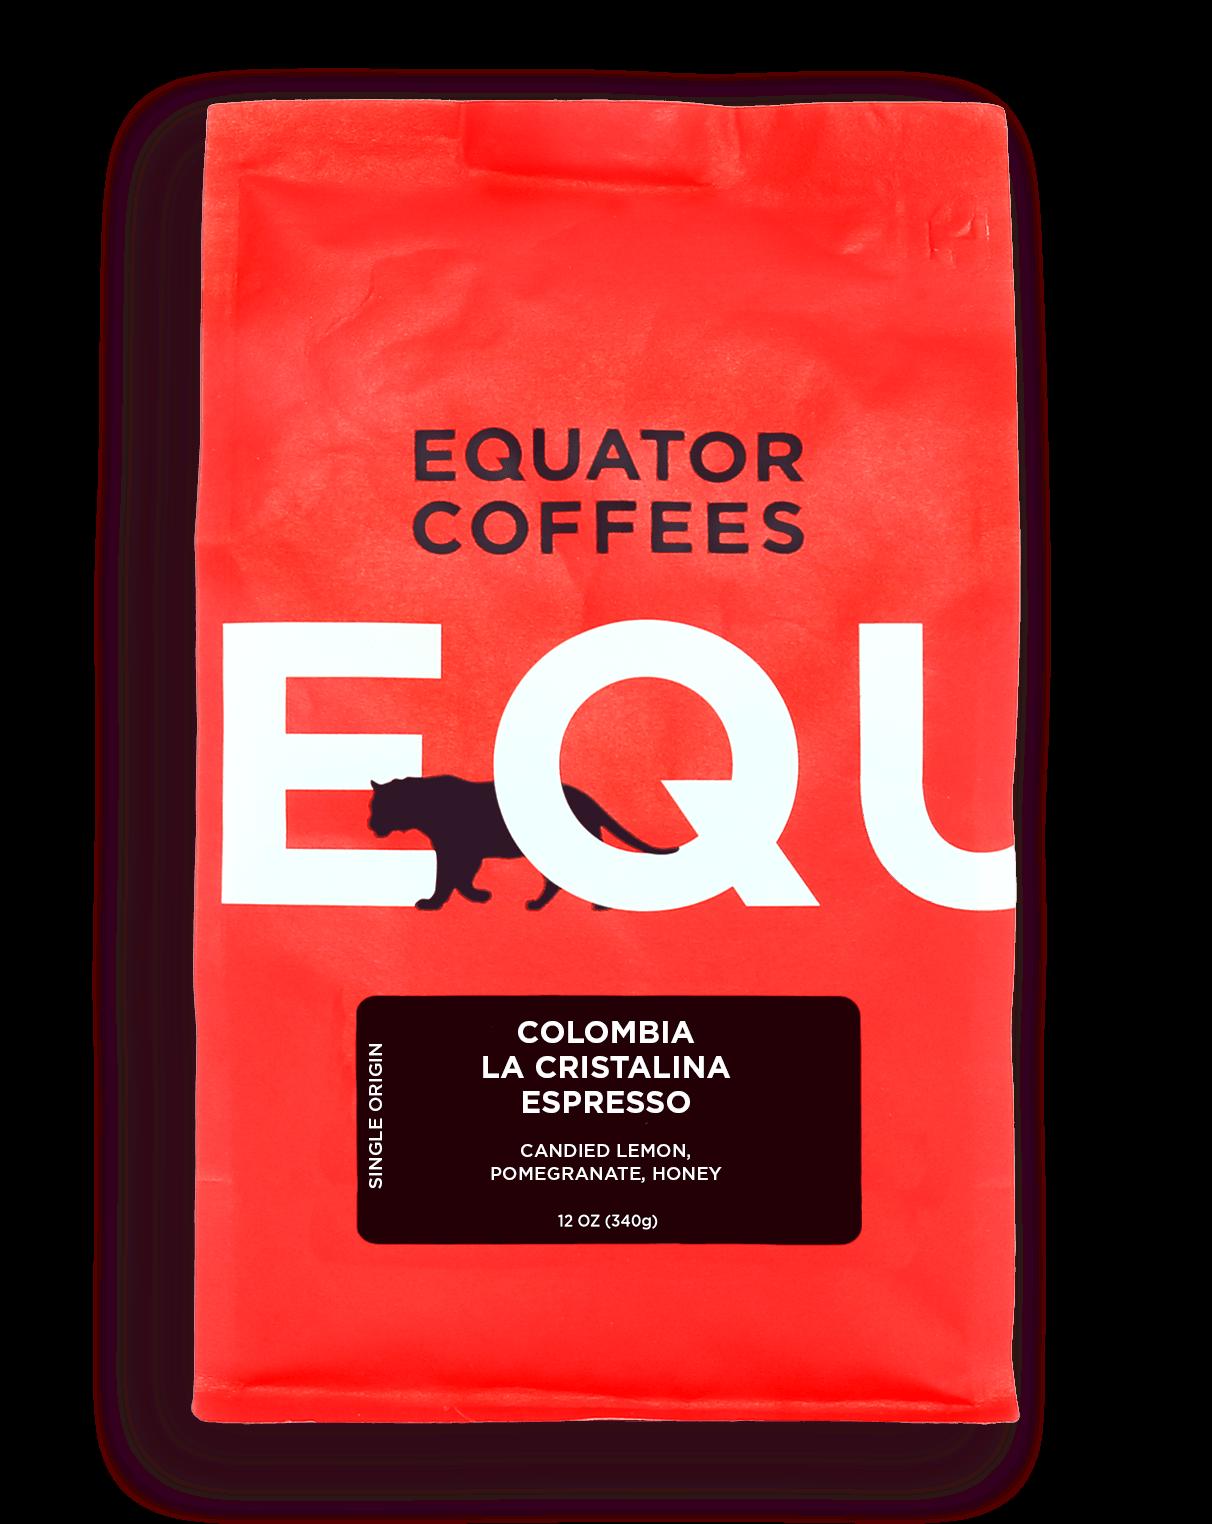 Colombia La Cristalina Single Origin Espresso